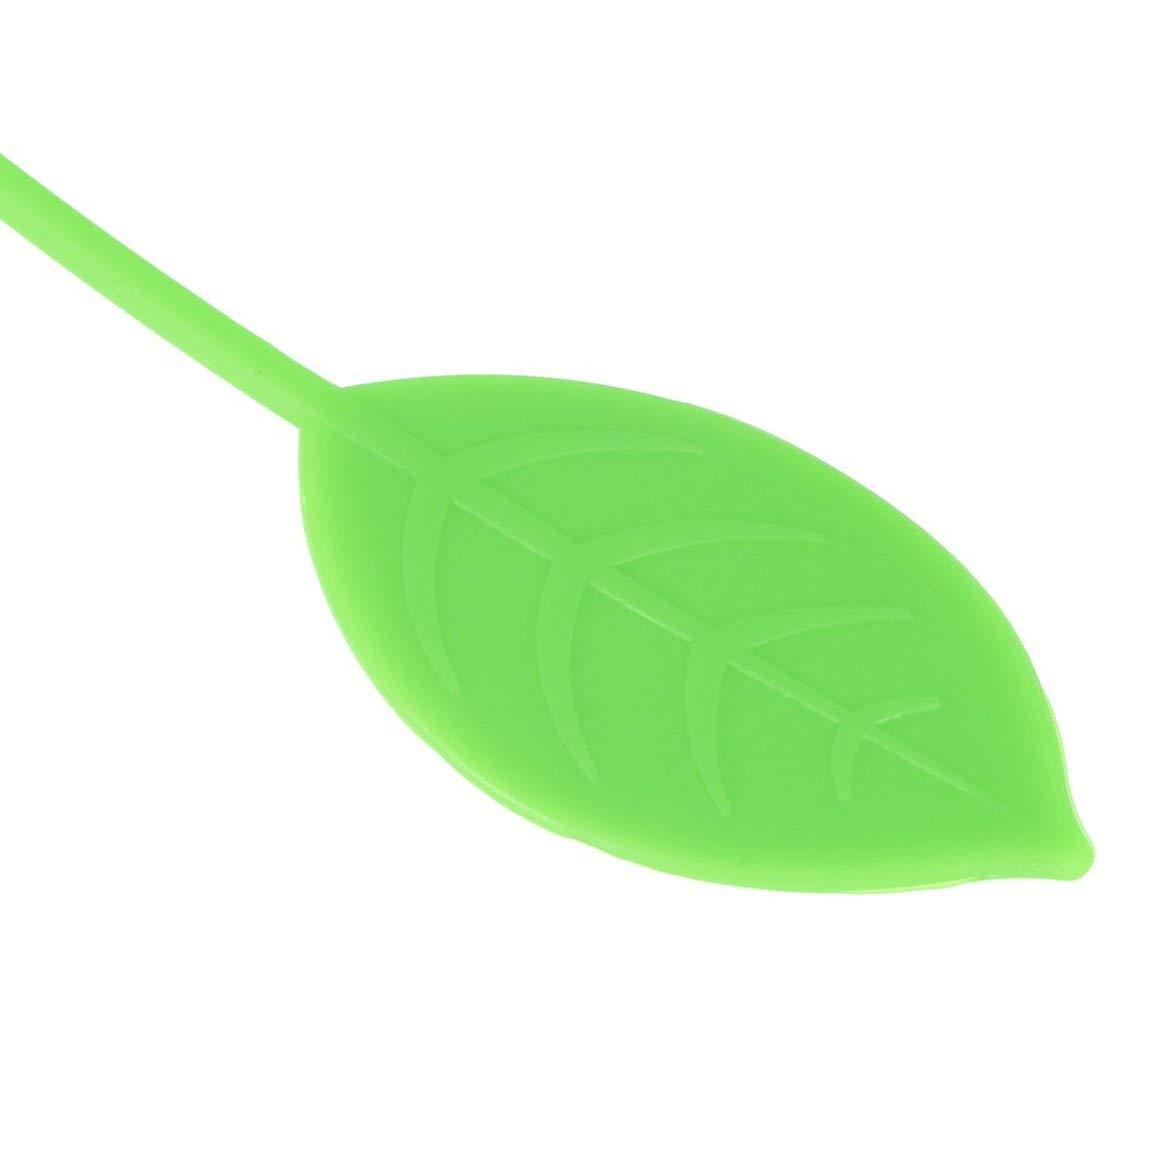 Fantasyworld Forma de Fresa de Infuser del t/é Puro de Silicona Suave de Goma de Las Hojas Intercambiables colador de t/é de Hierbas de la Especia Filtro difusor Cocina Gadget